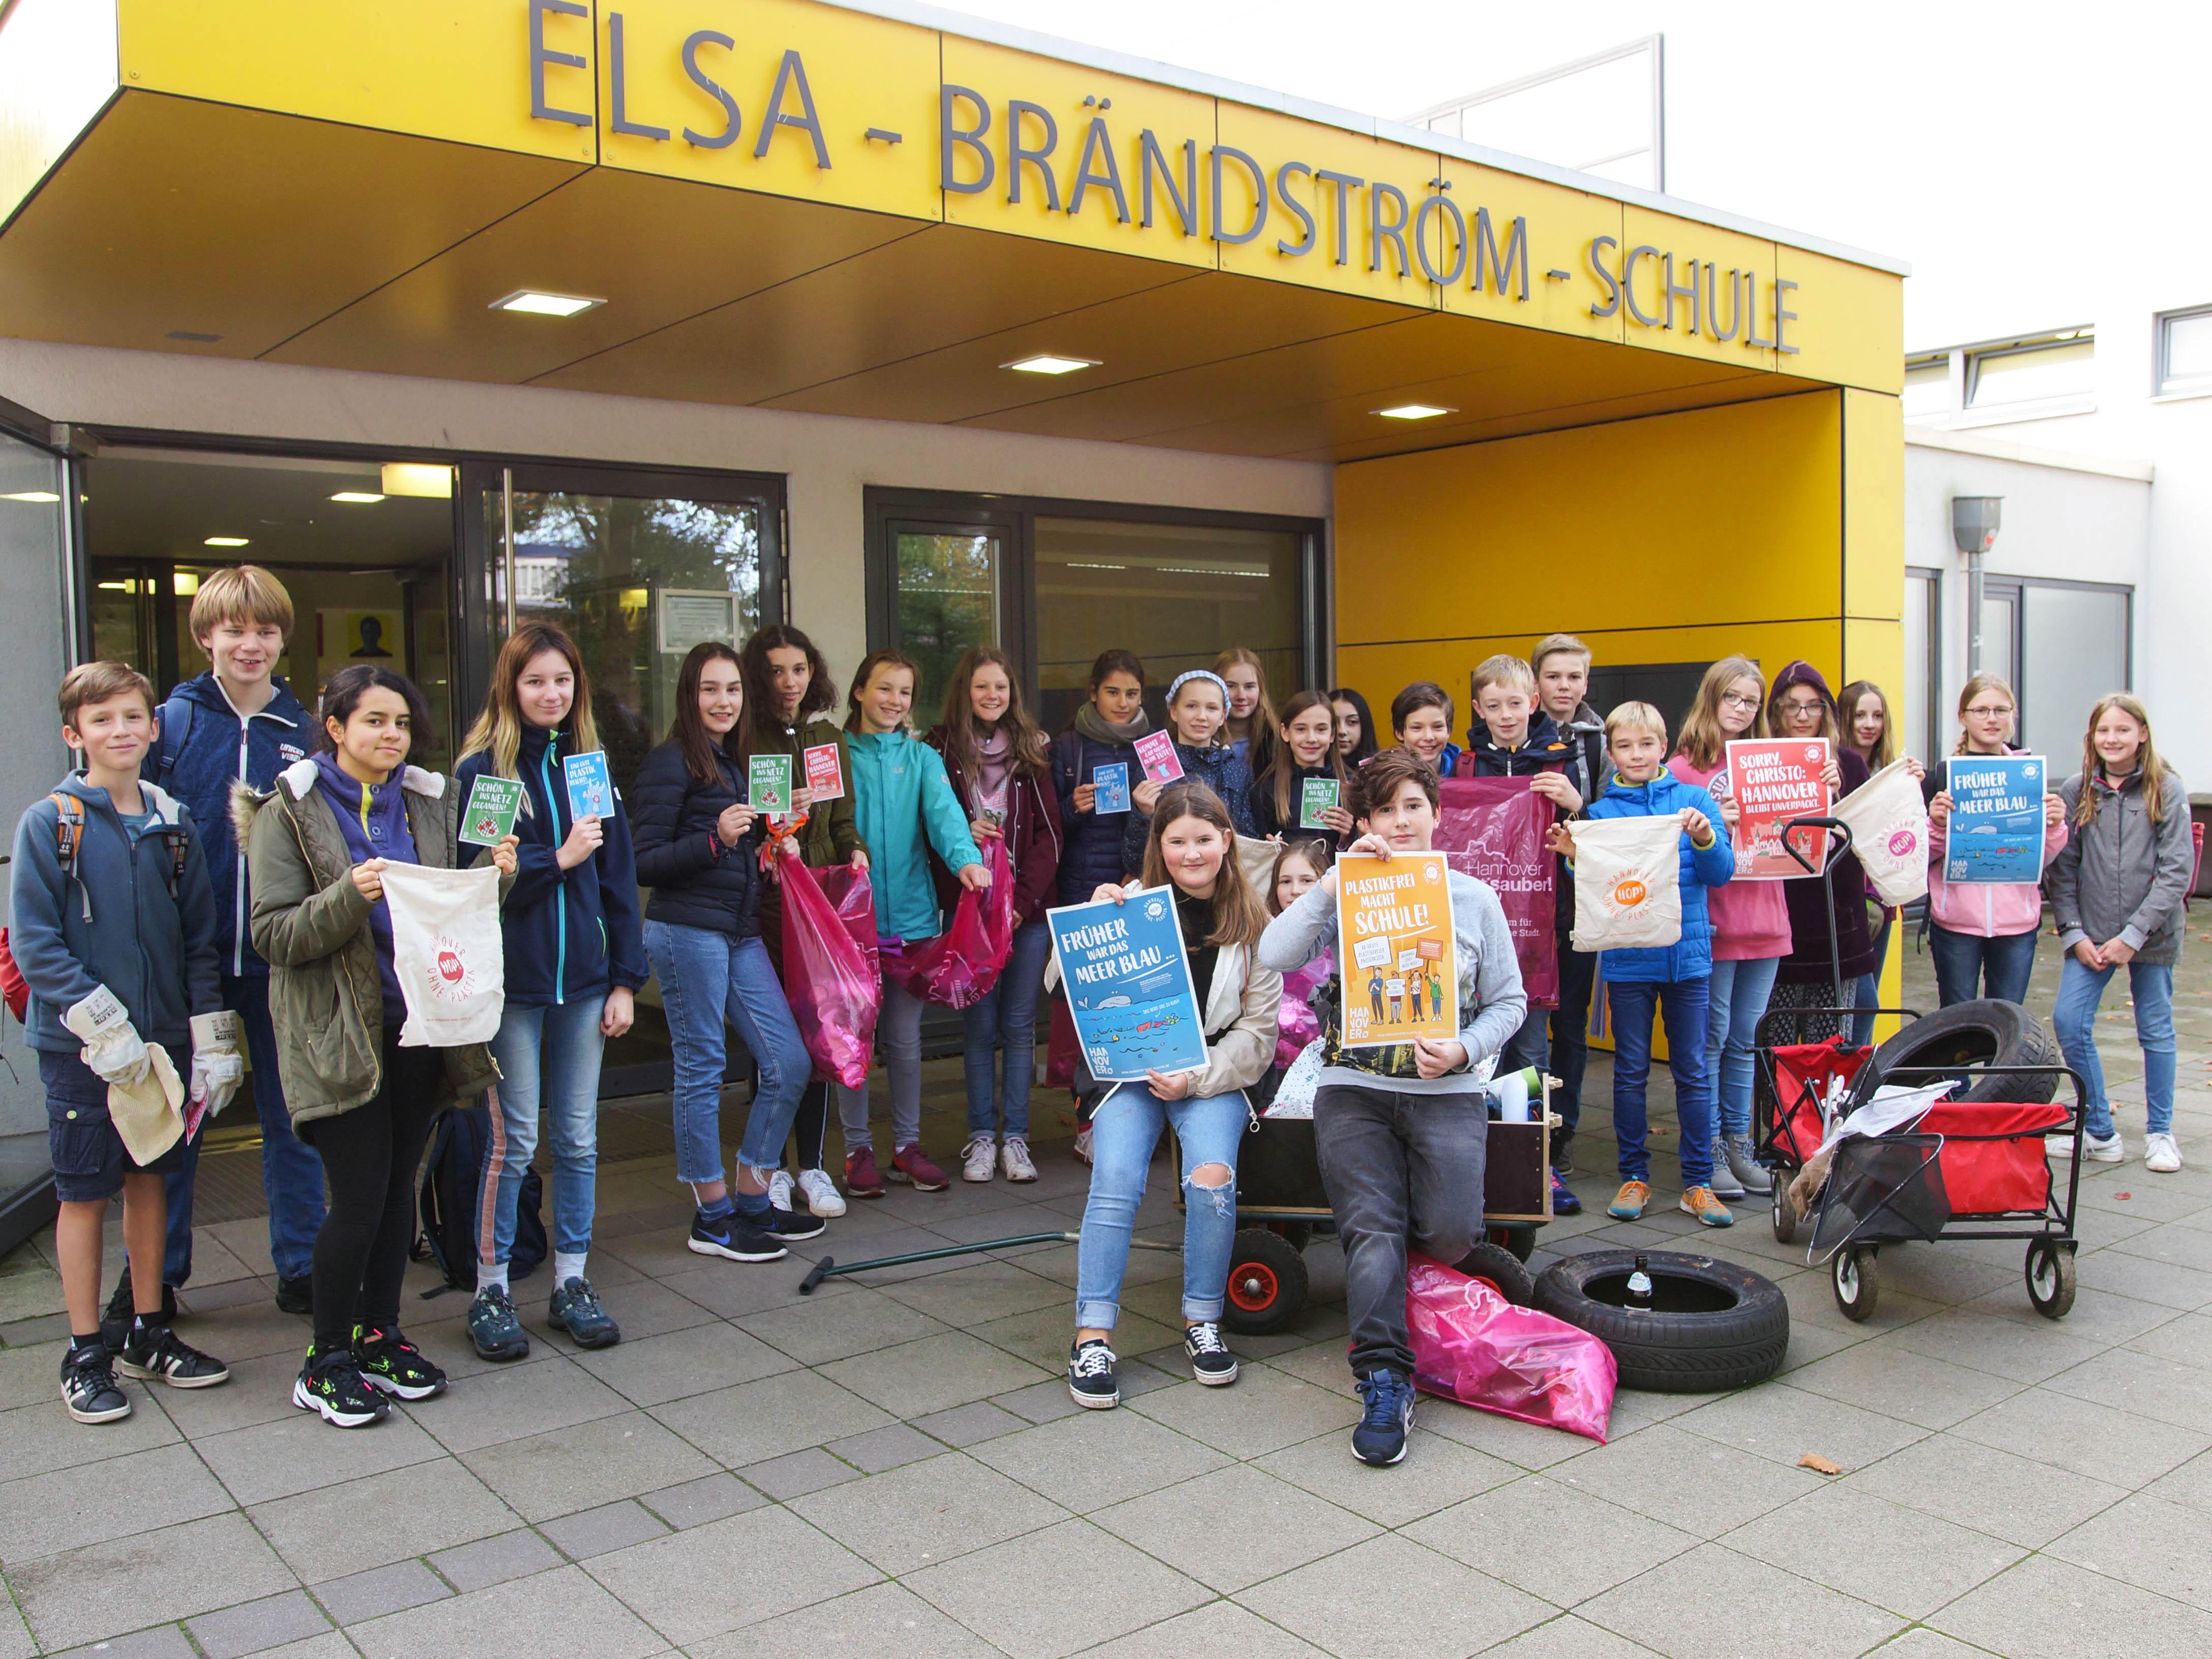 Schulklasse vor einem Schulgebäude. Einige halten Plakate.